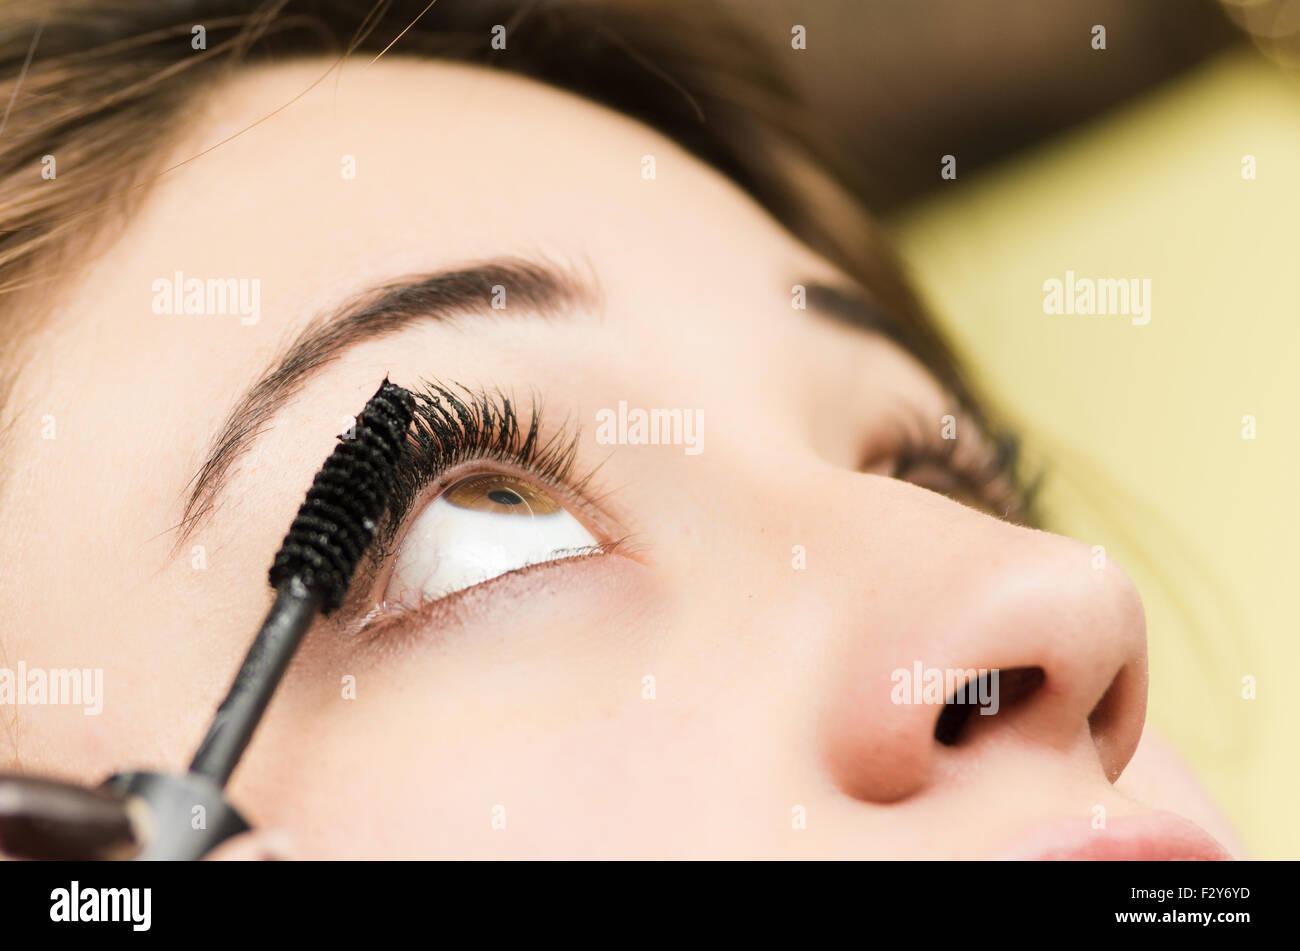 Closeup headshot brunette ottenere il trattamento di trucco dal parrucchiere professionista applicazione di mascara Immagini Stock